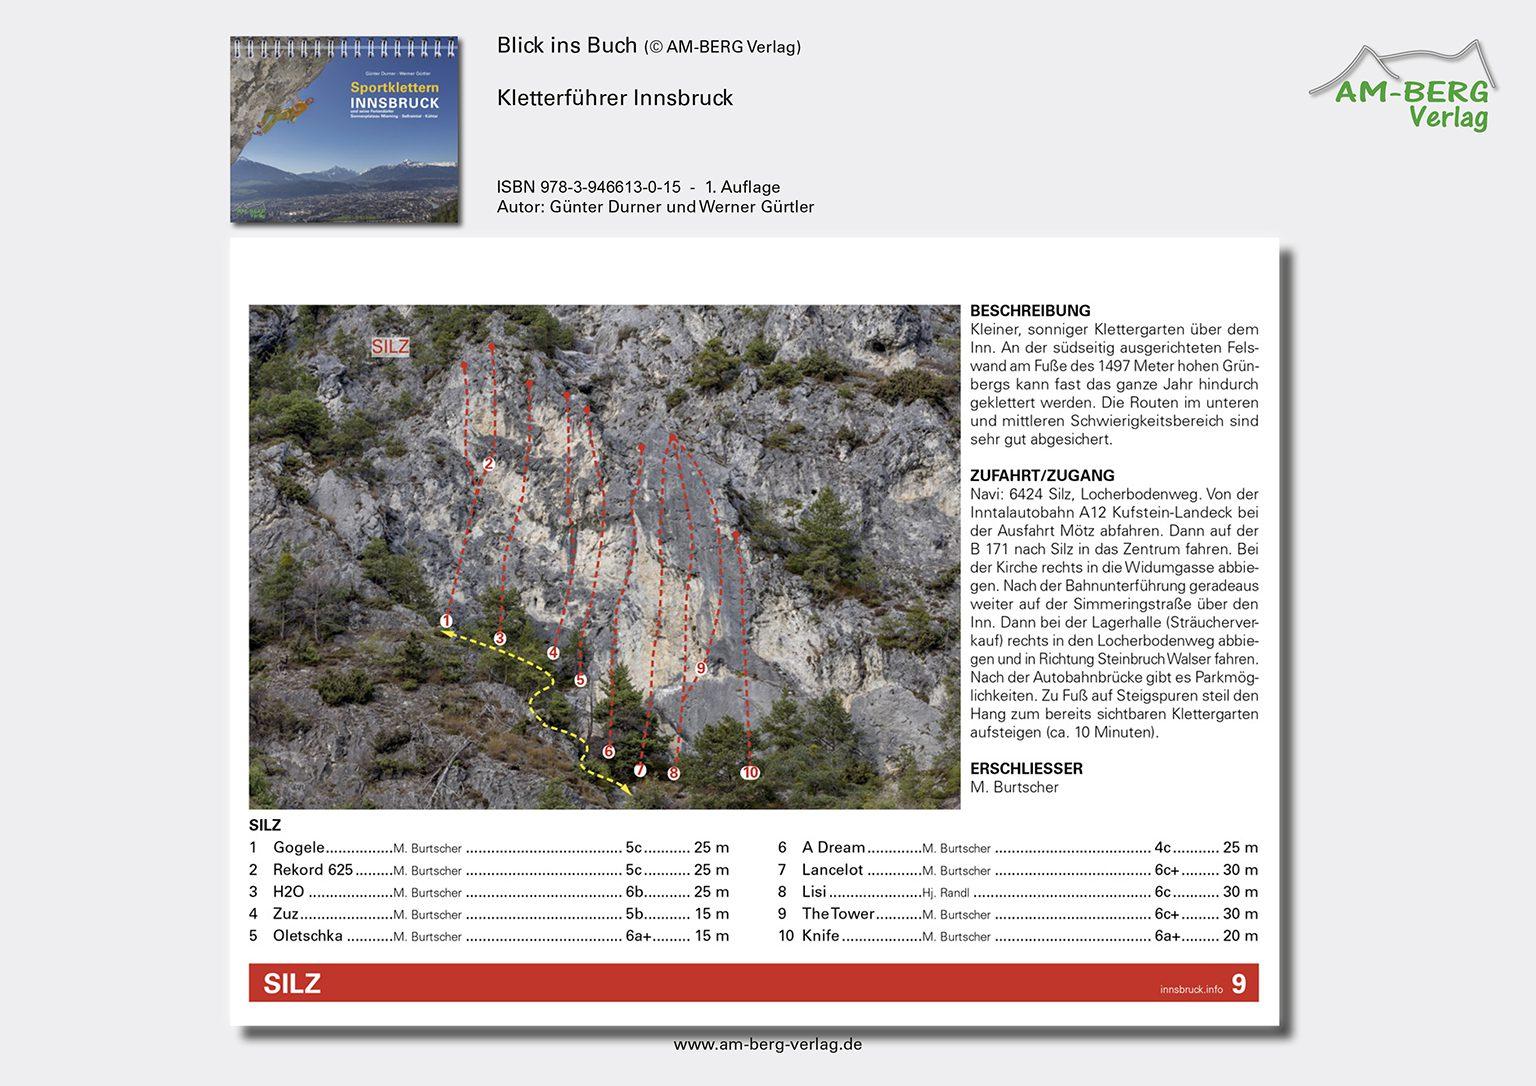 Sportklettern-Innsbruck-BlickinsBuch07_Klettergarten-Silz